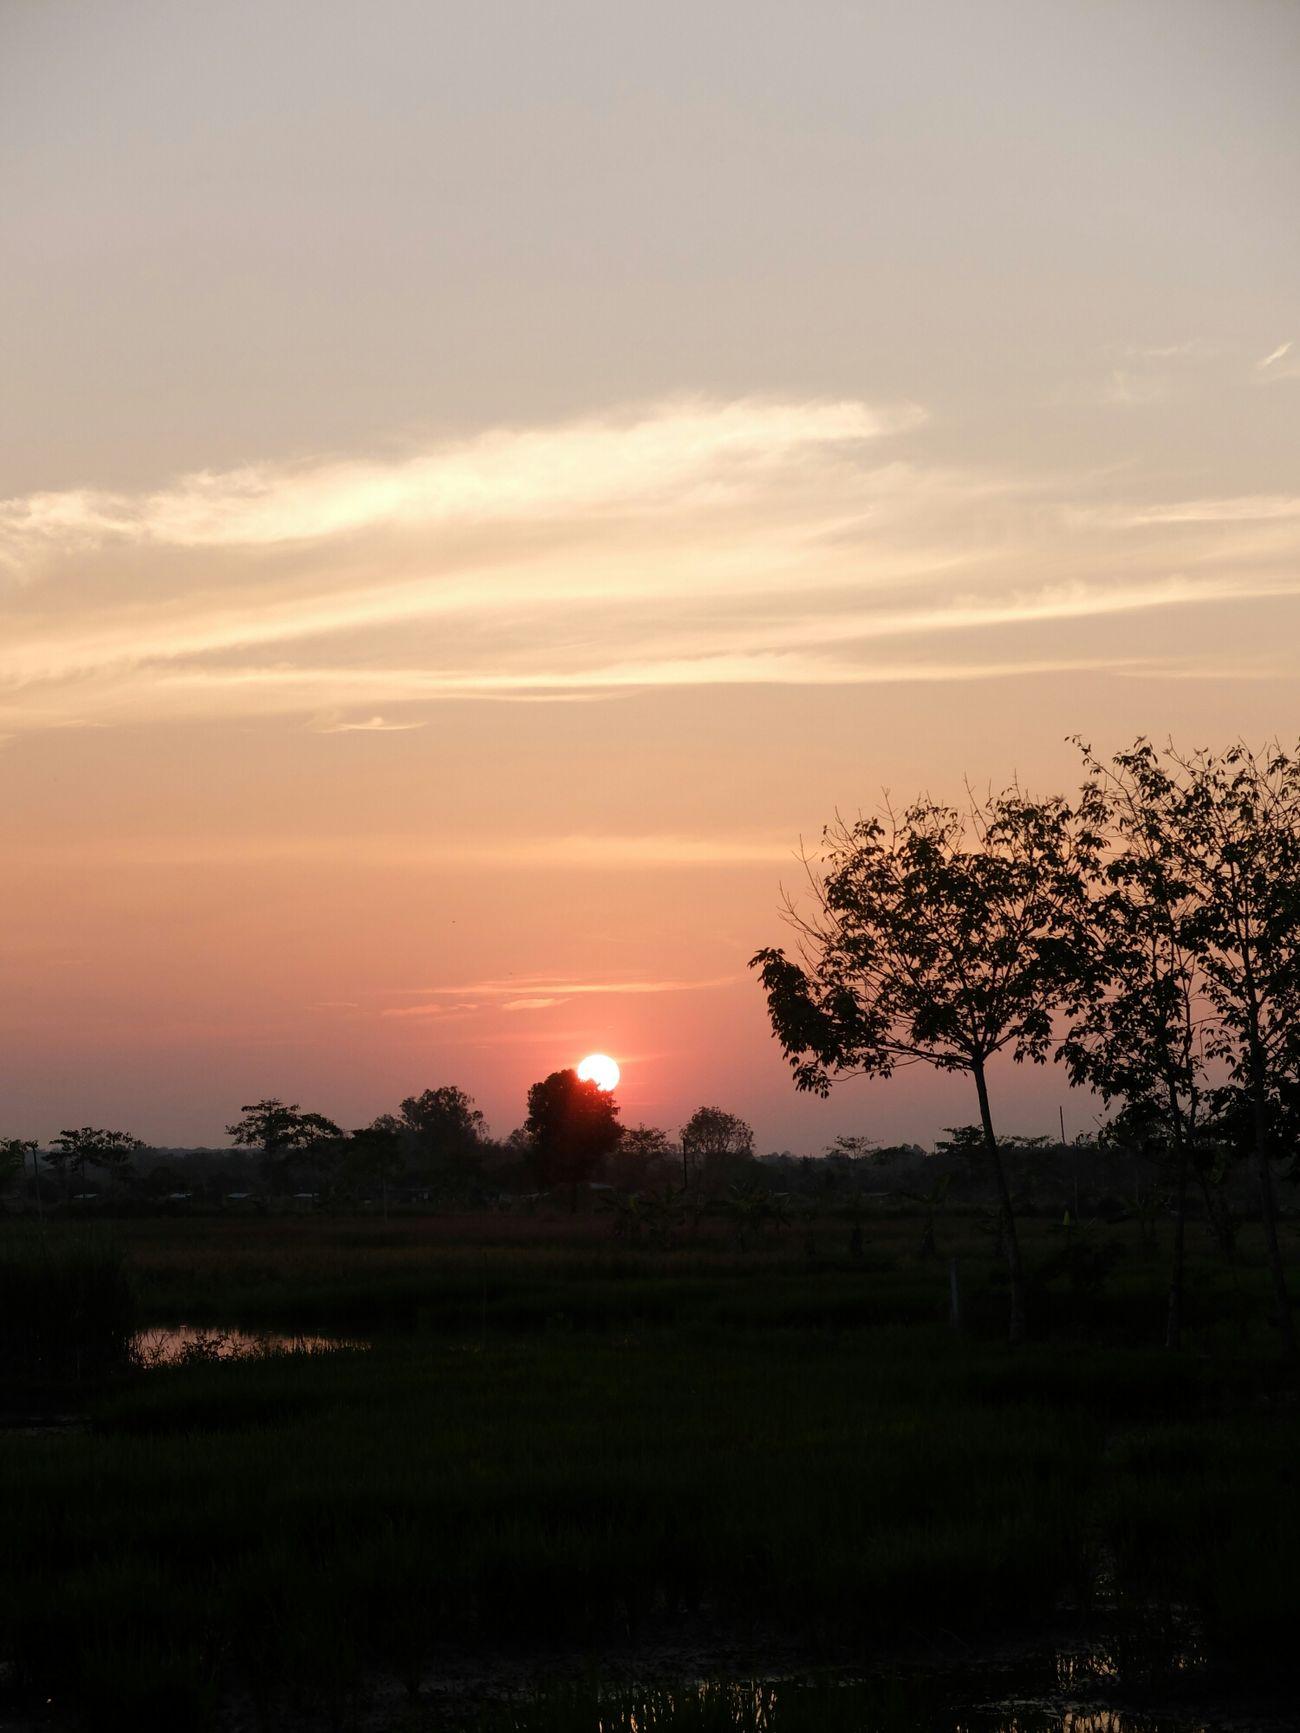 Sunrise_sunsets_aroundworld Thailand Enjoying Life